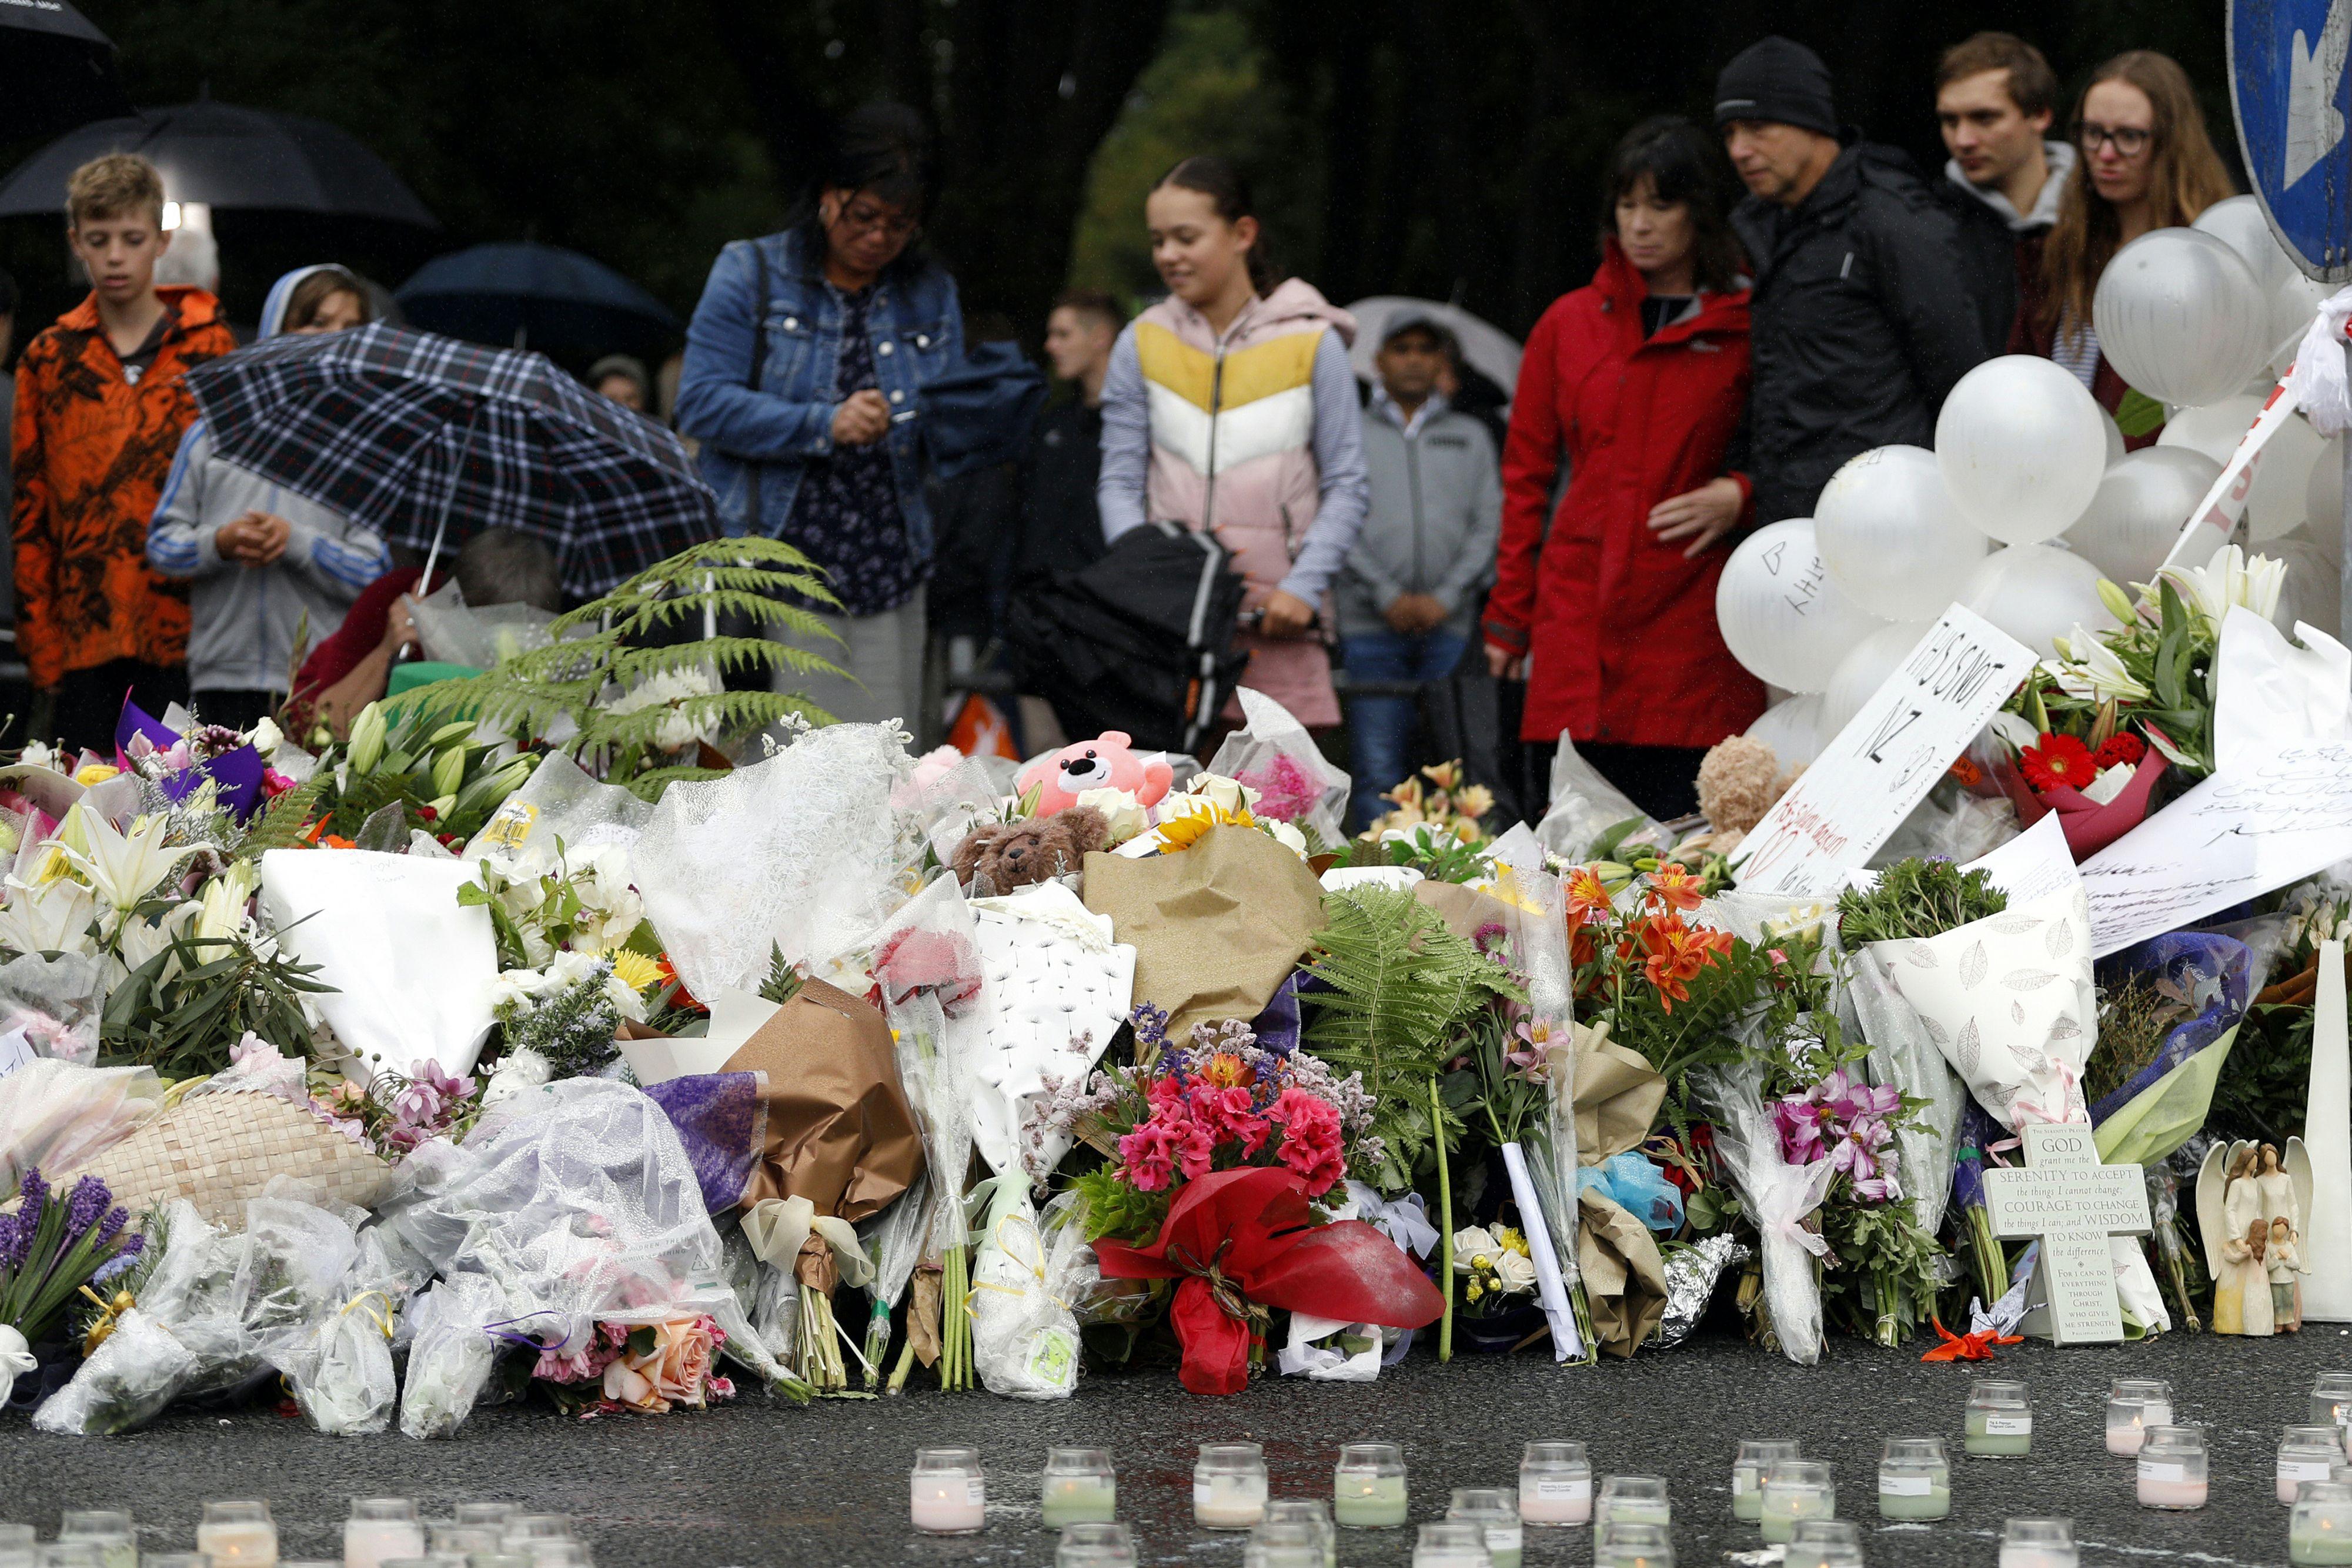 Honderden bij bijeenkomsten aanslagen Nieuw-Zeeland